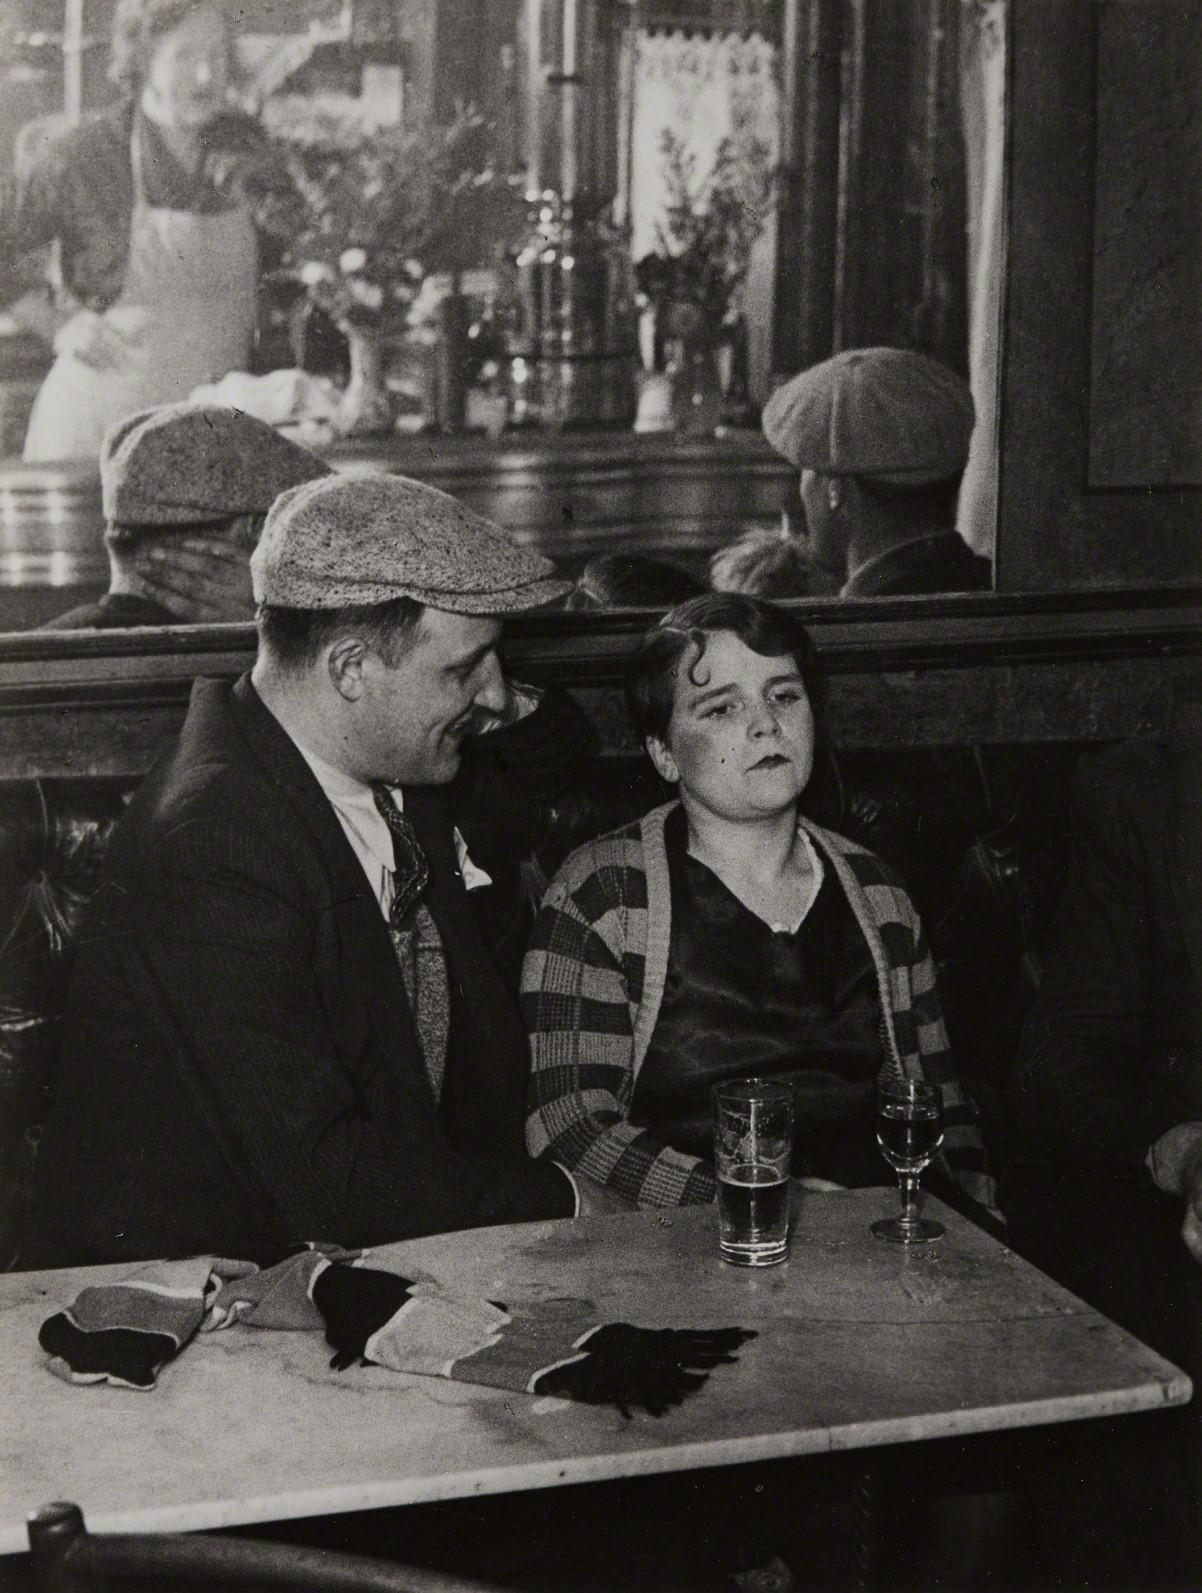 Пара в бистро, 1931. Фотограф Брассаи